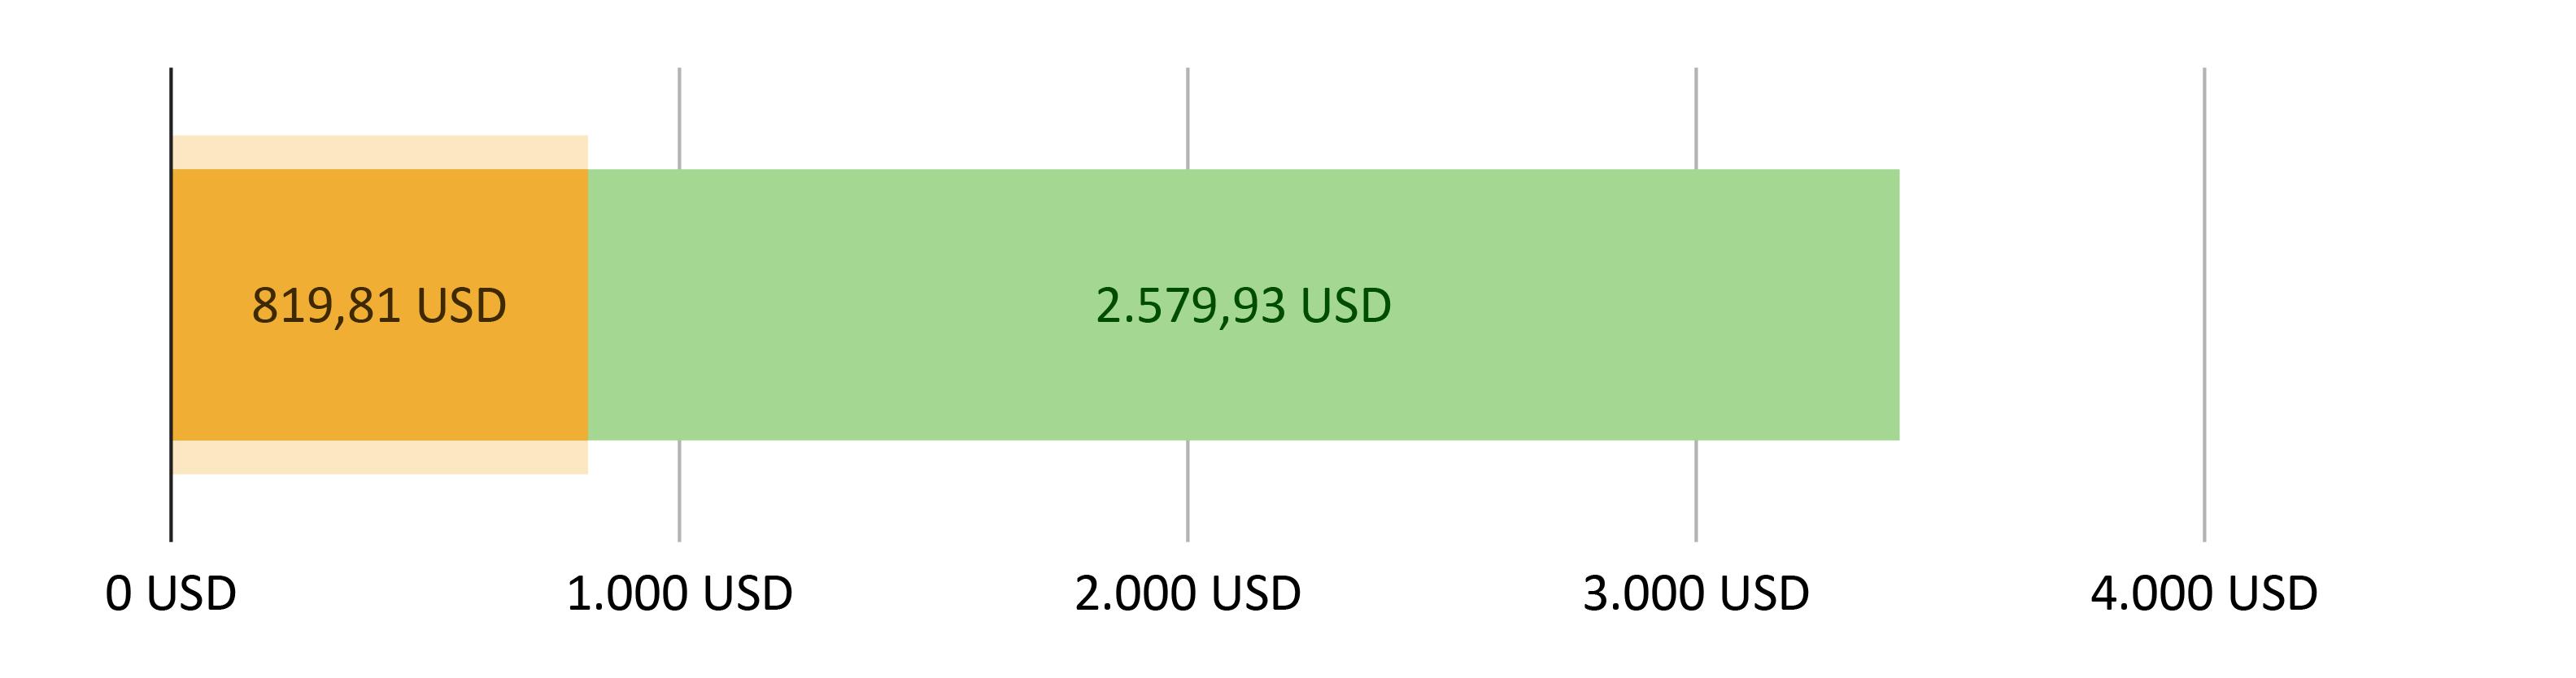 Elköltött összeg 819.81 USD; fennmaradó összeg 2,579.93 USD.